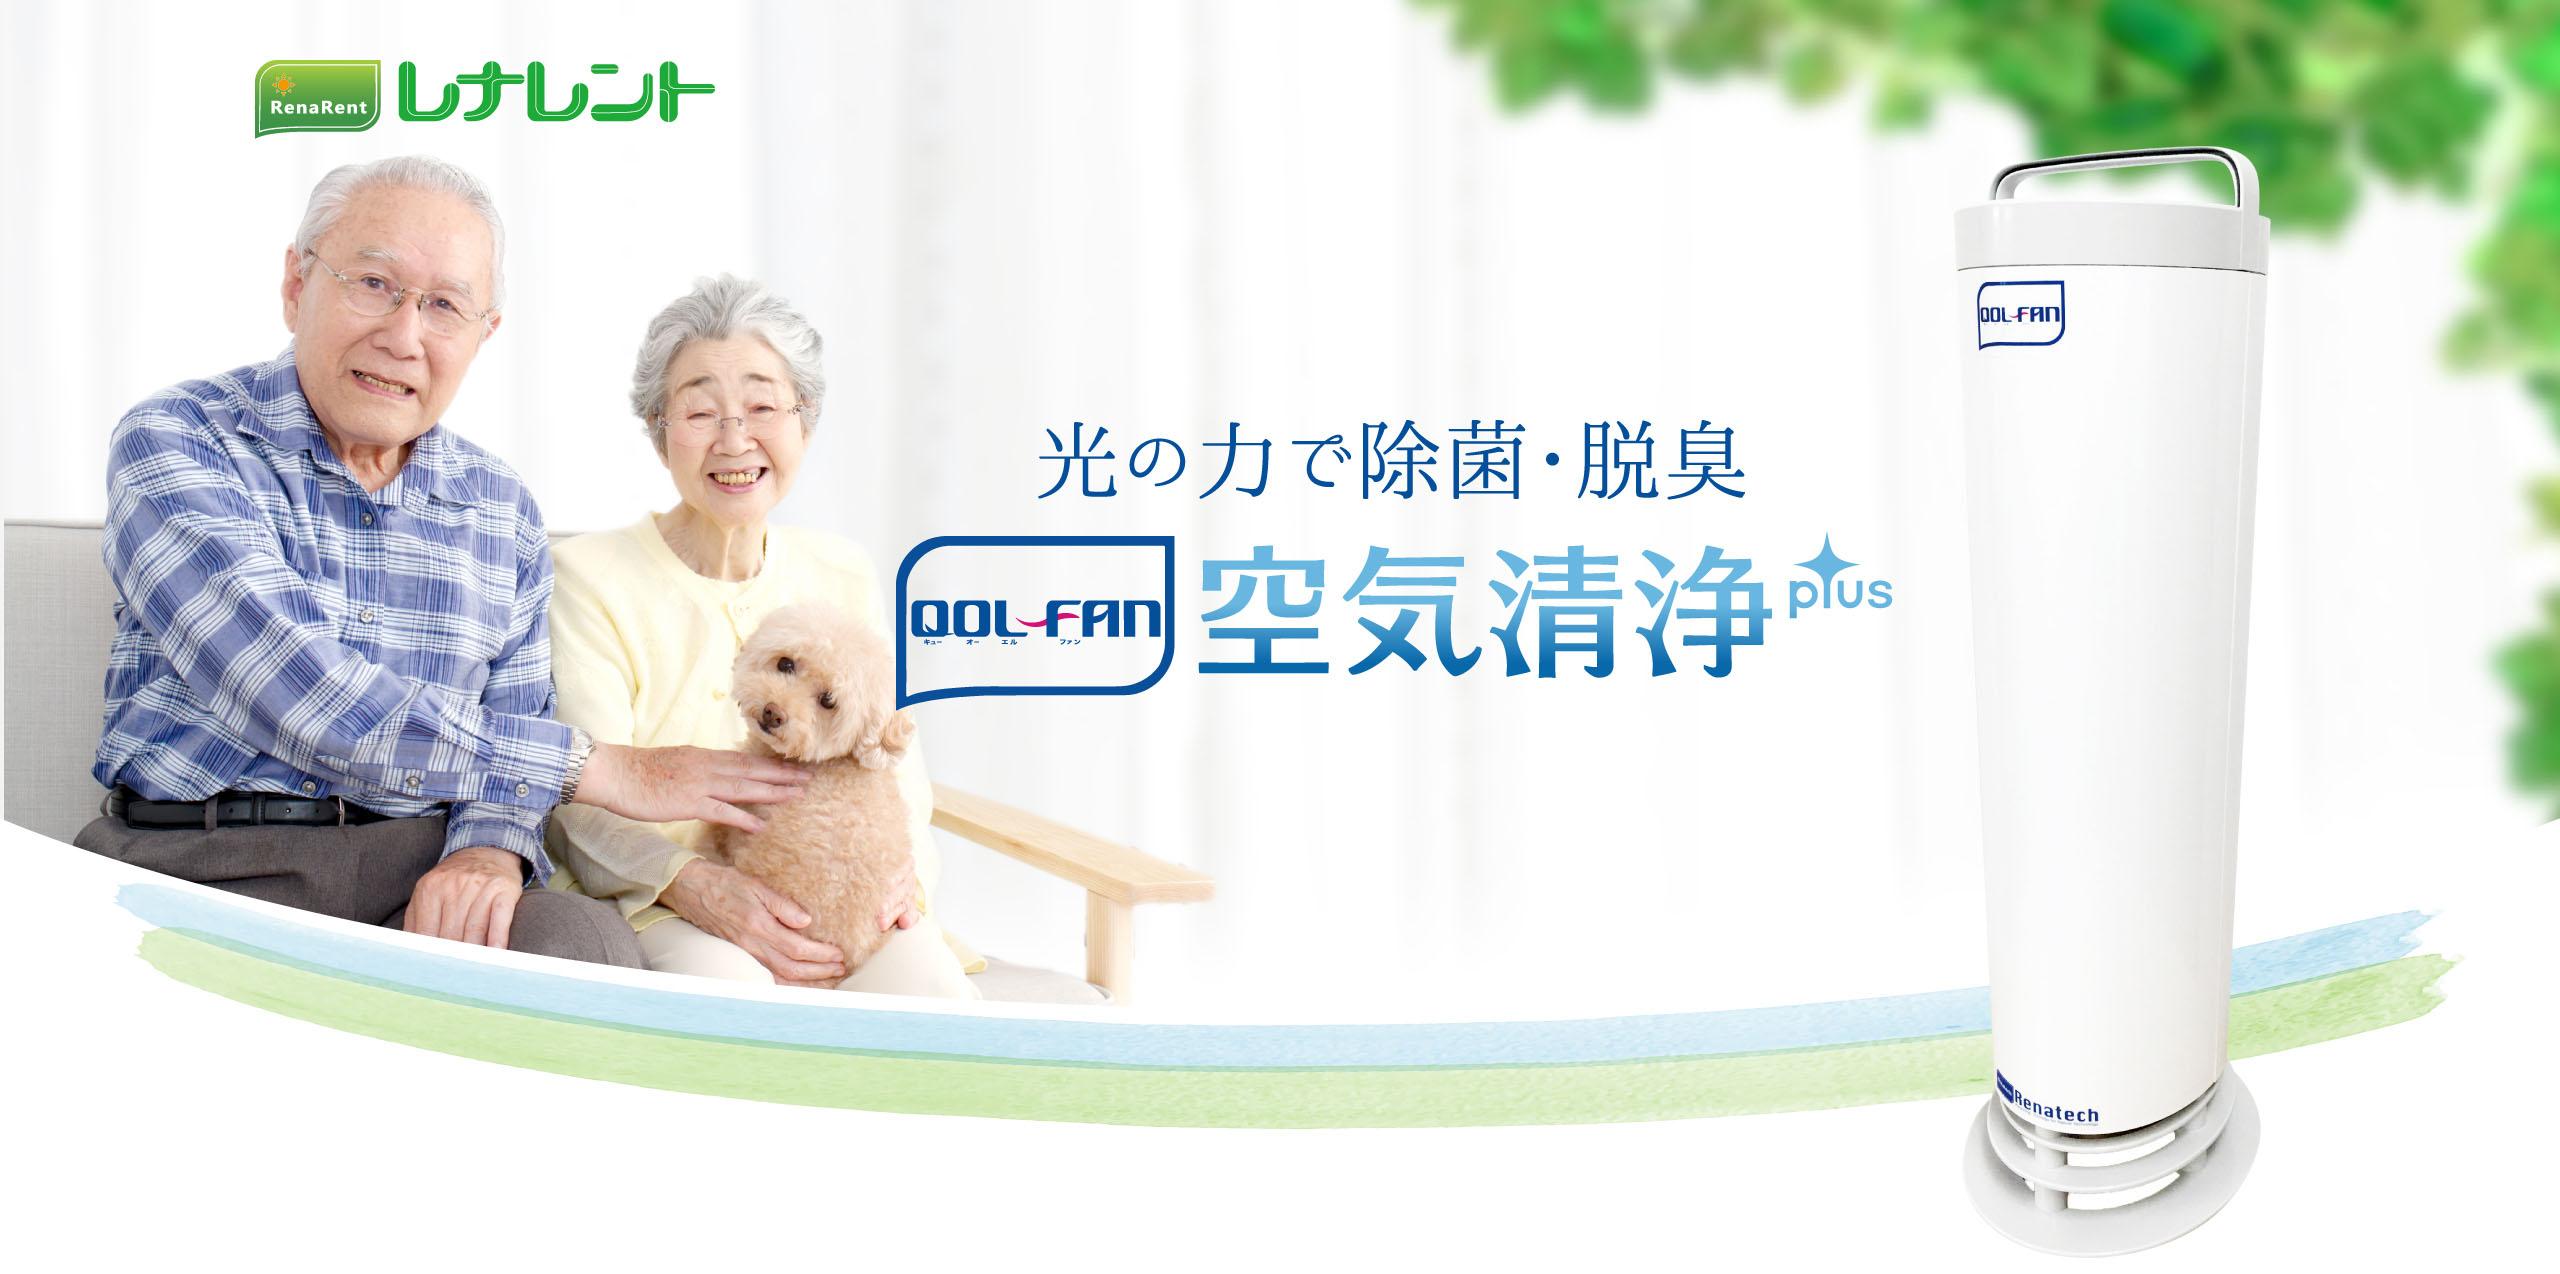 家族の健康やウイルス予防に-光触媒の力で除菌・脱臭 QOL-FAN 空気清浄plus